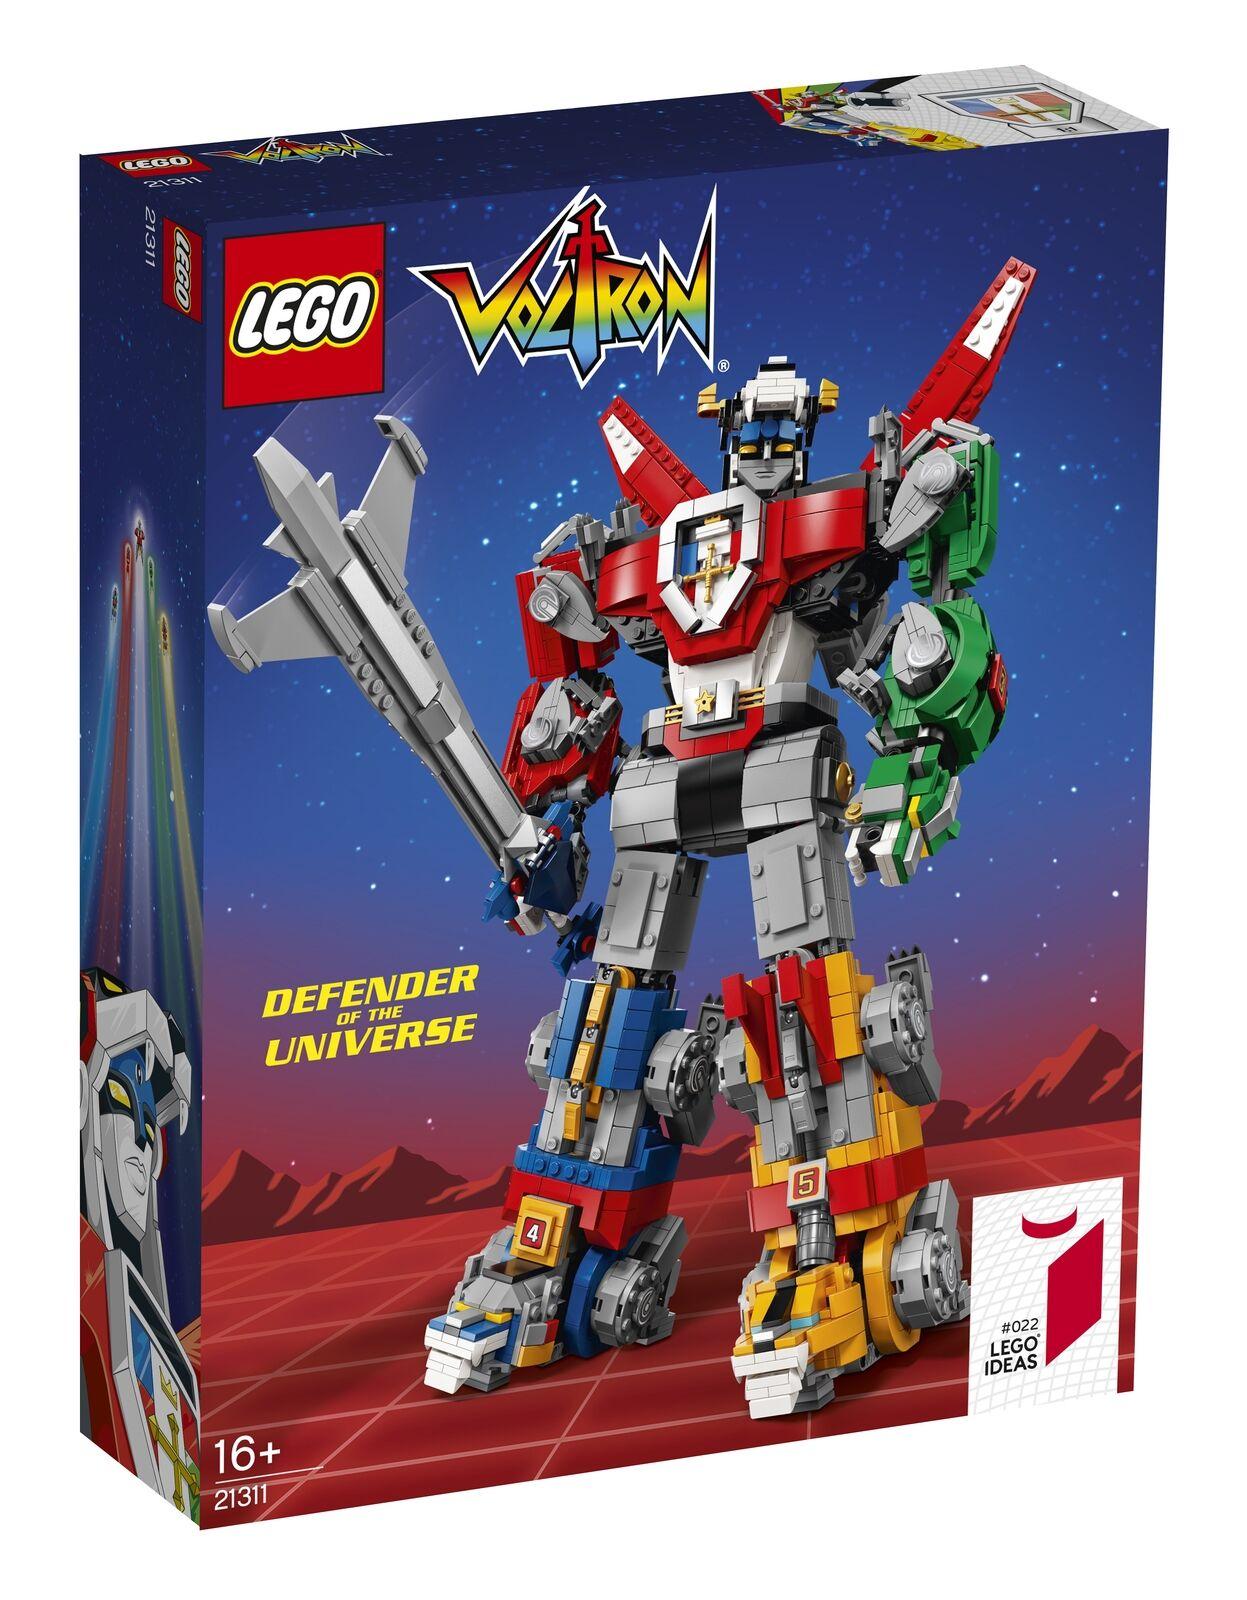 Lego Ideas Voltron (21311) - NEU, OVP & VERSIEGELT